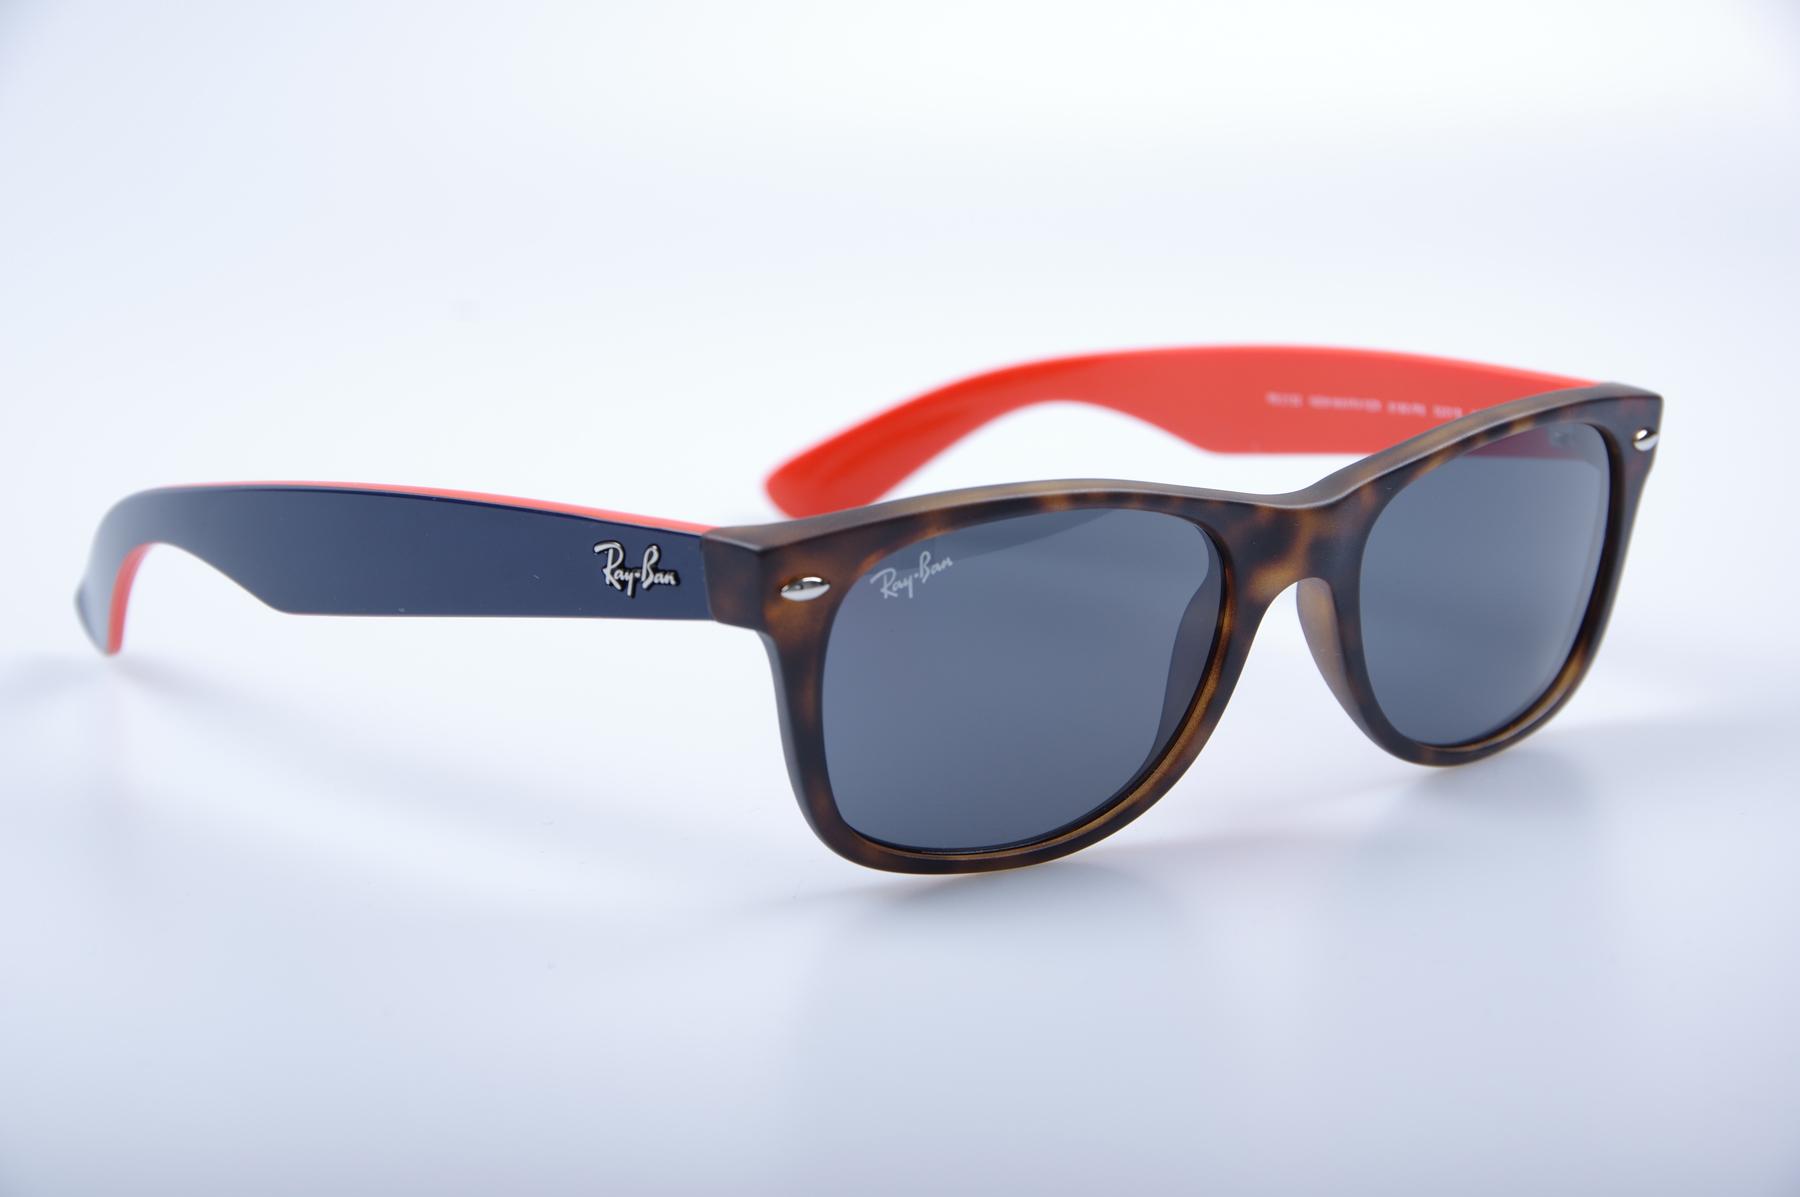 Où trouver les lunettes de soleil RAY BAN New Wayfarer 2132 à proximité de  LE HAVRE Où acheter les RAY BAN Wayfarer 2132 proche Le Havre 76 ... 5729bd004ed2